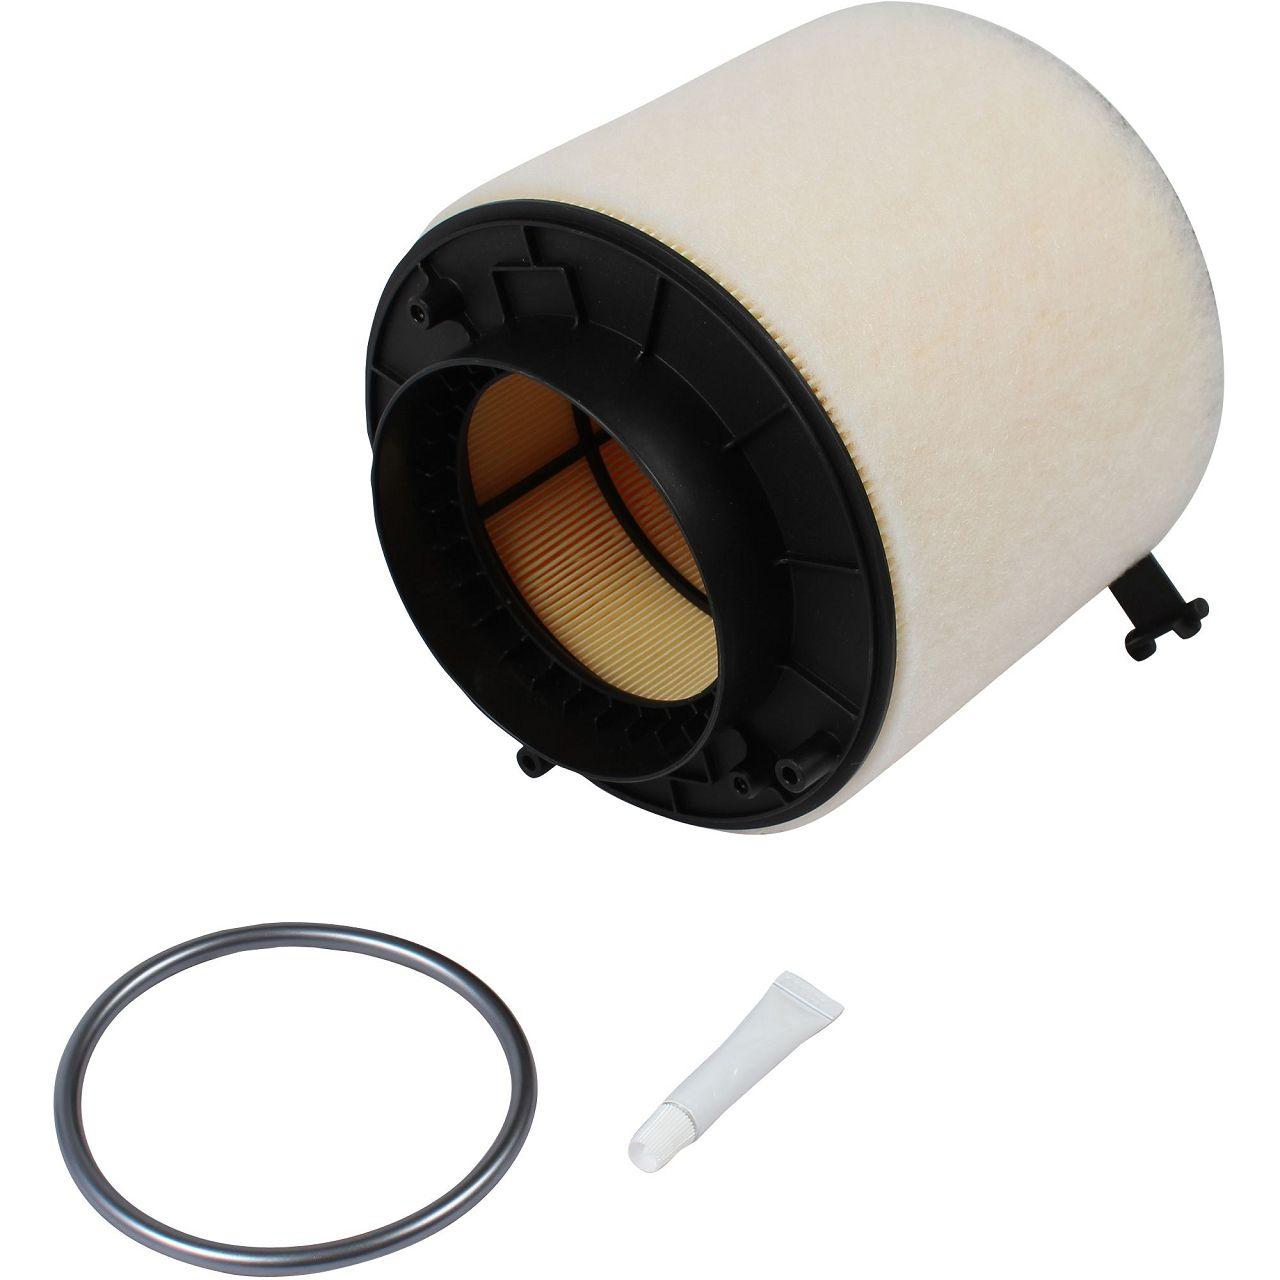 Filterset für AUDI A4 (8K B8) A5 (8T 8F) Q5 (8RB) 2.7 TDI 3.0 TDI ab Fgst.Nr.